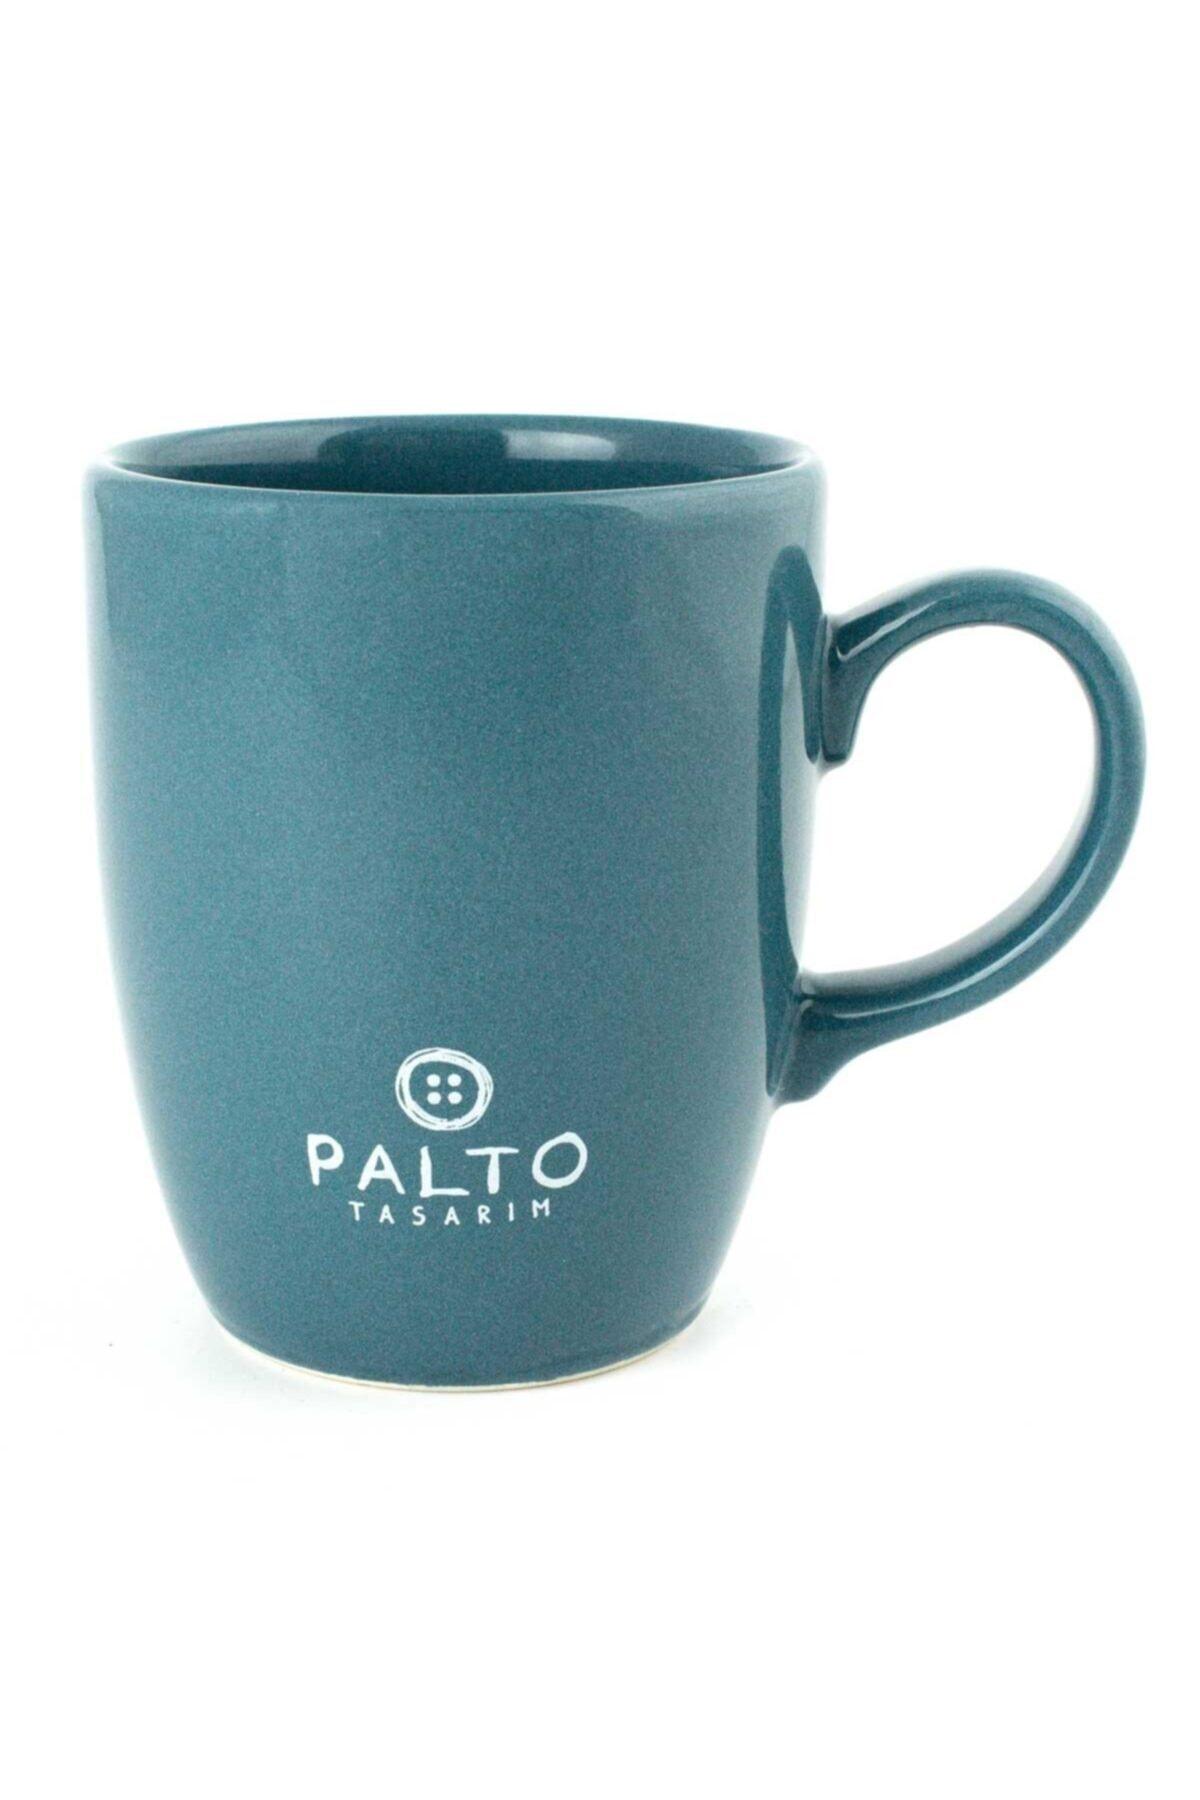 PALTO TASARIM Petrol Yeşili Parlak İtlik ve Serserilik Yazılı Oval Kupa 2